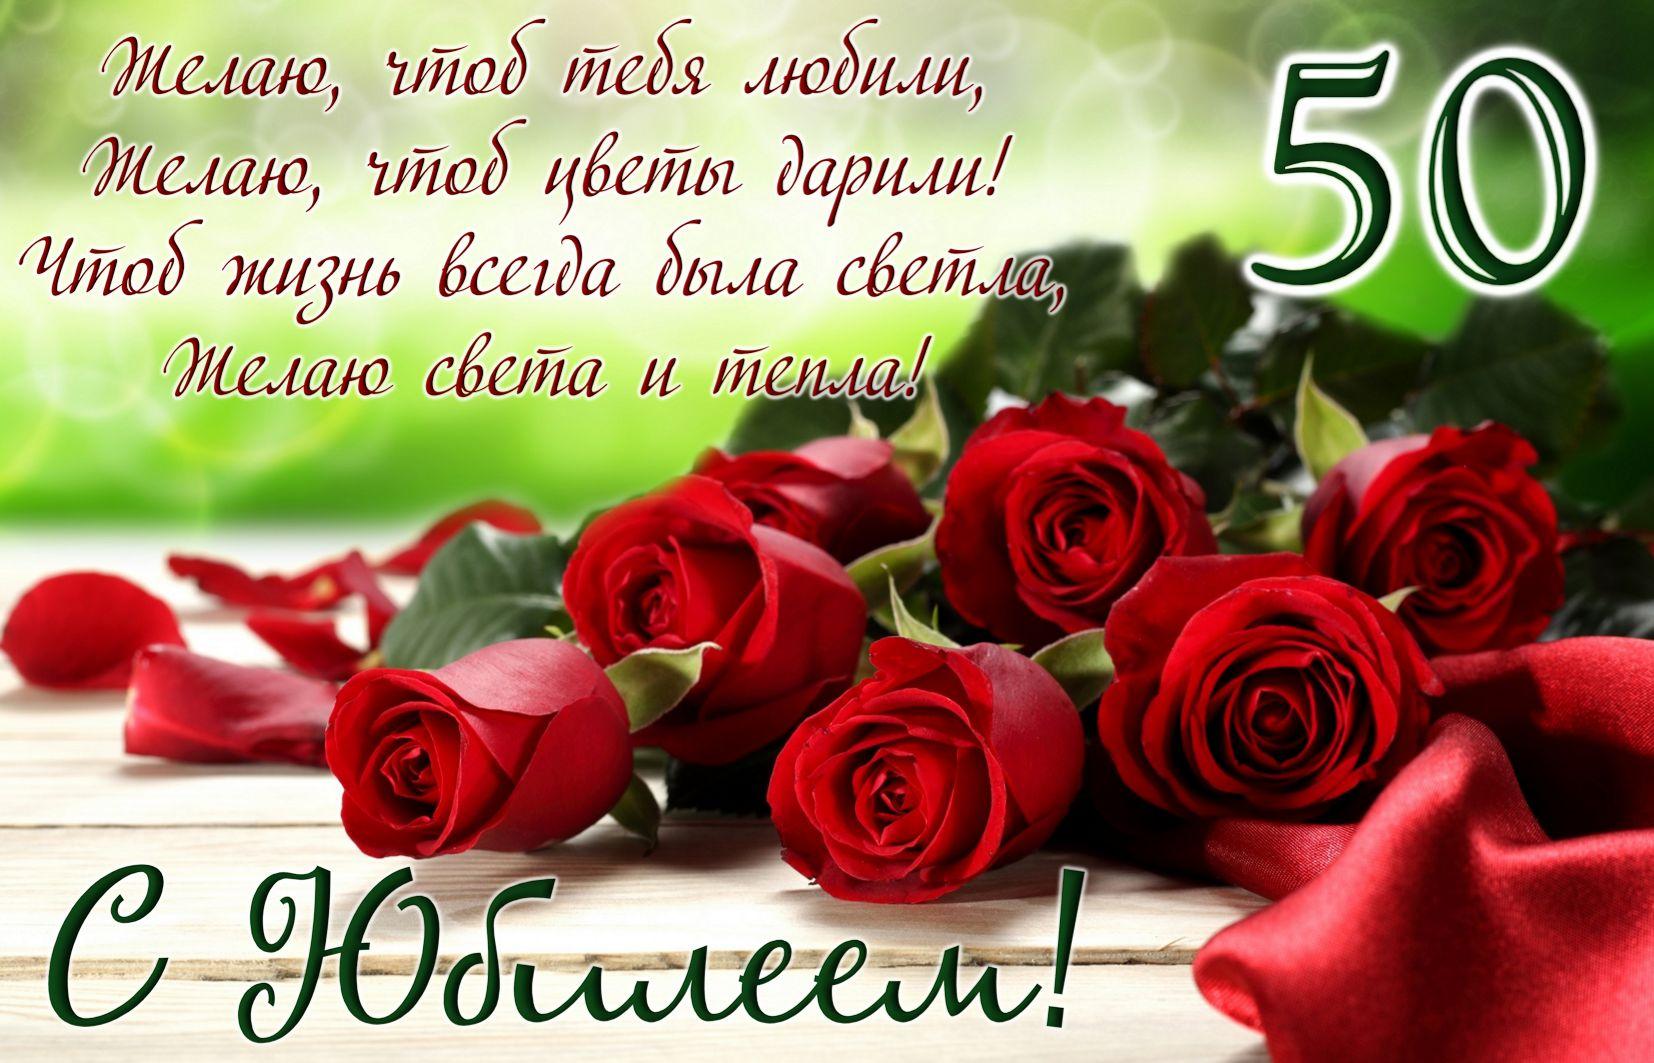 Поздравления с юбилеем 50-летием для женщин